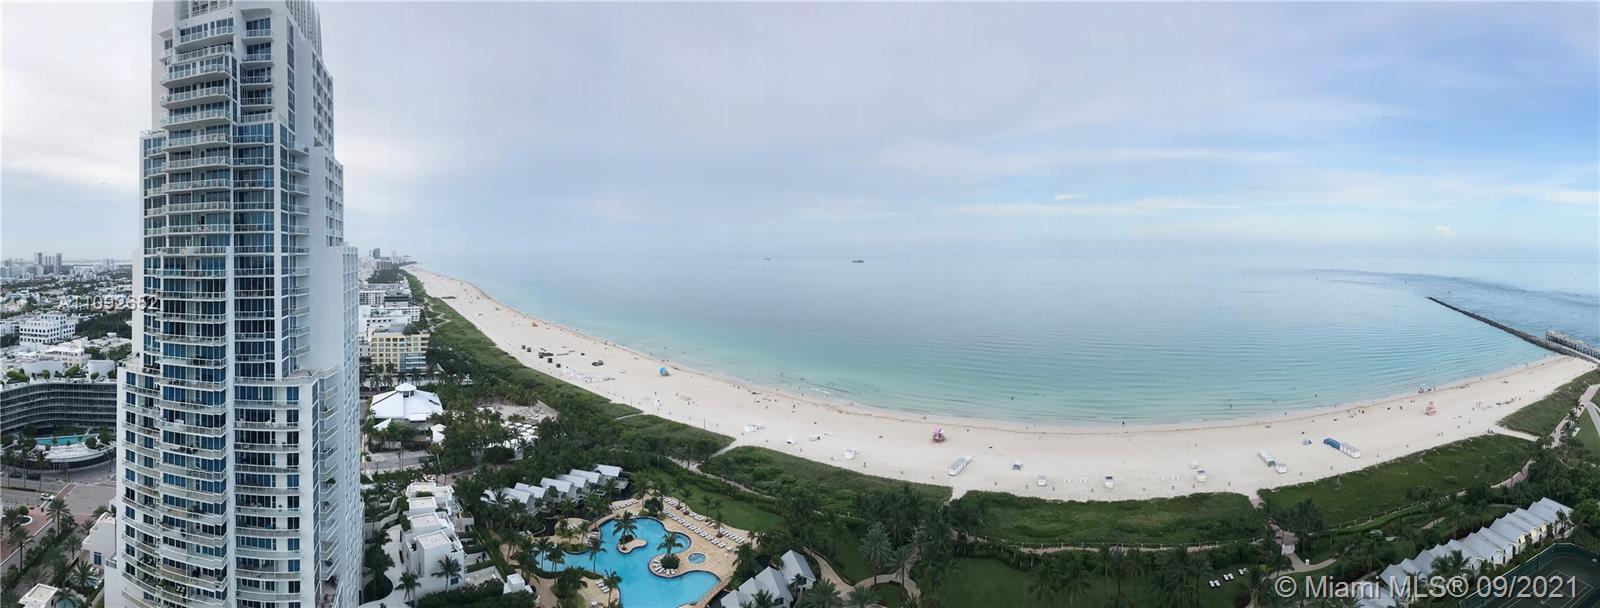 100 Pointe dr-2507 miami-beach-fl-33139-a11092652-Pic01